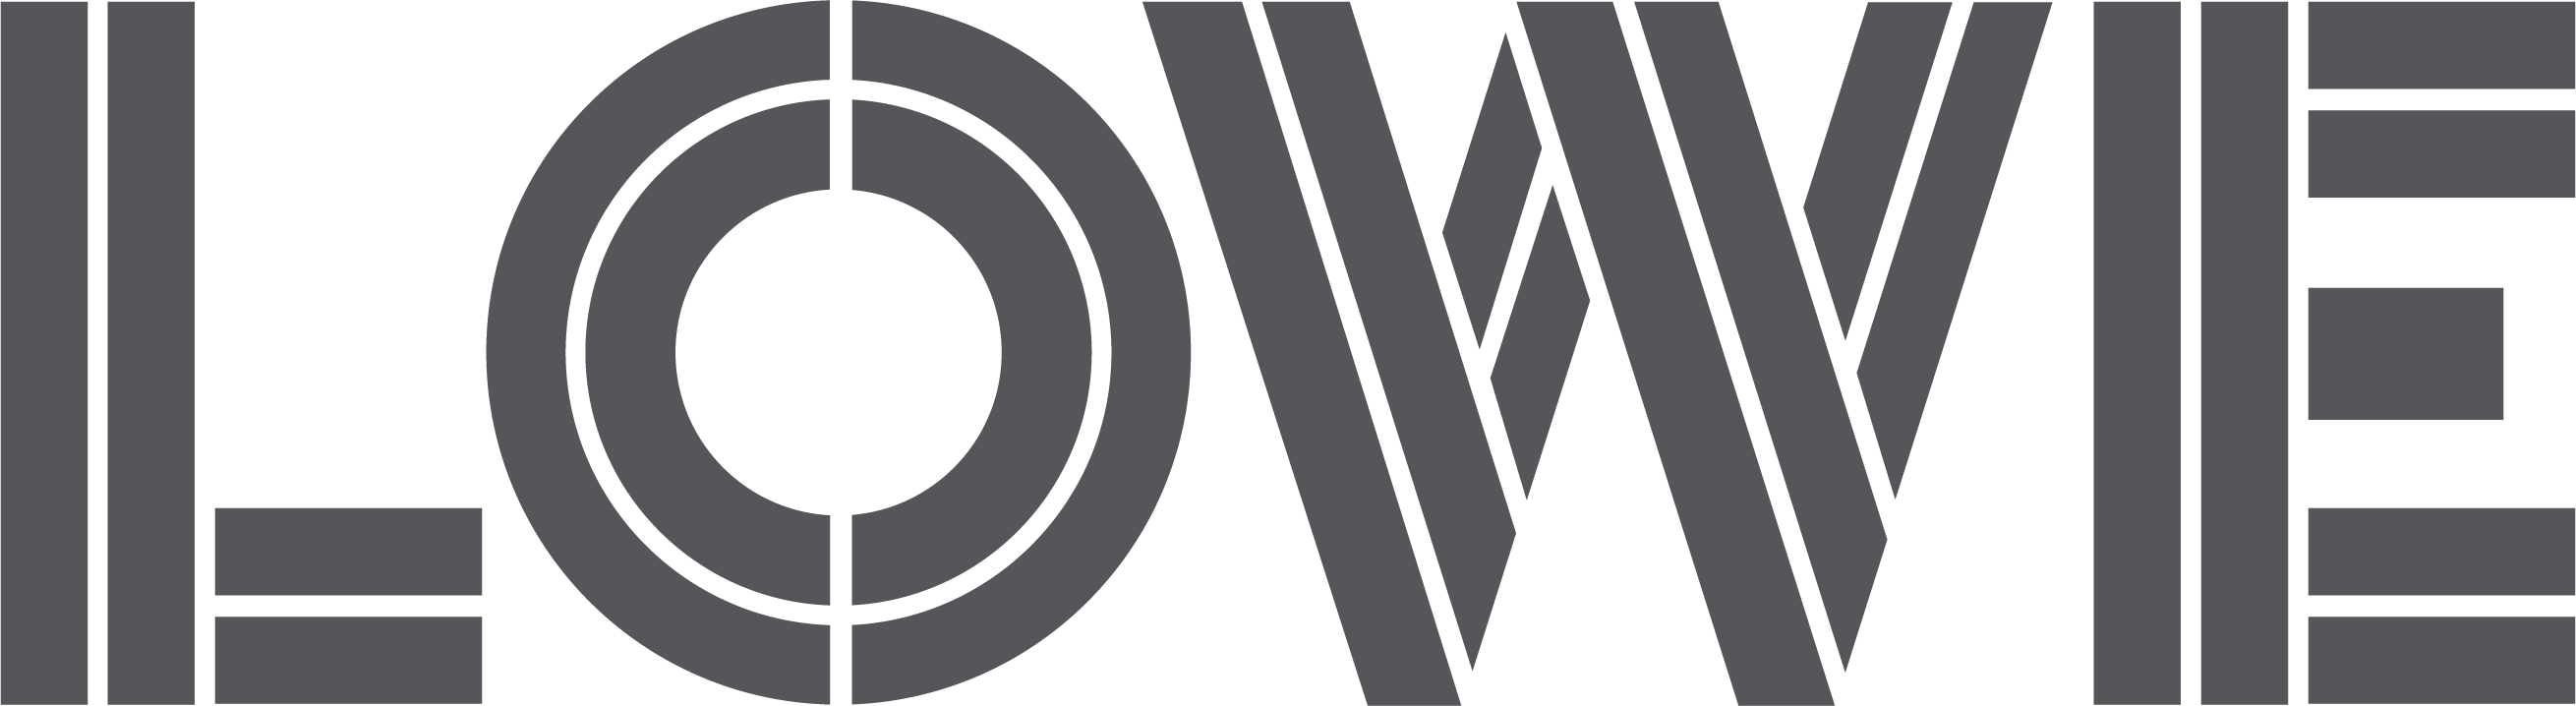 Lowe_Logo_Grey